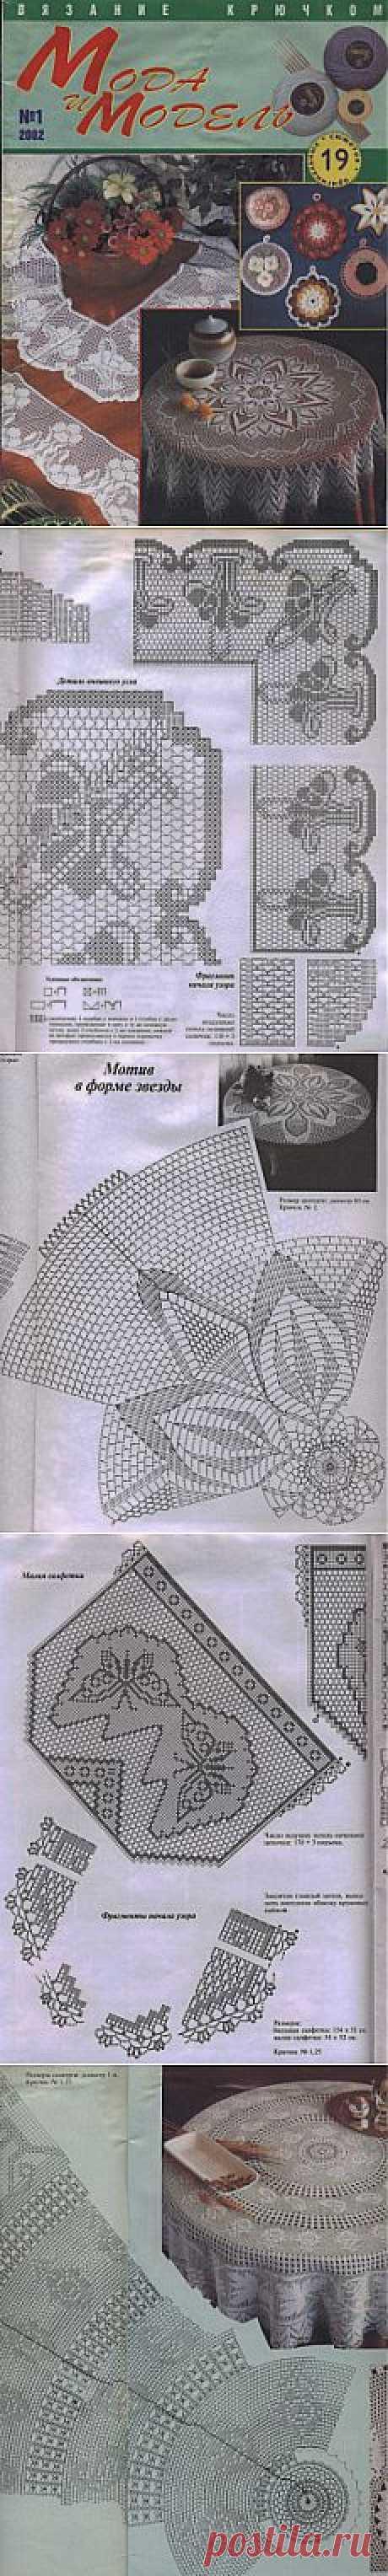 Мода и модель Вязание крючком №1 2002.